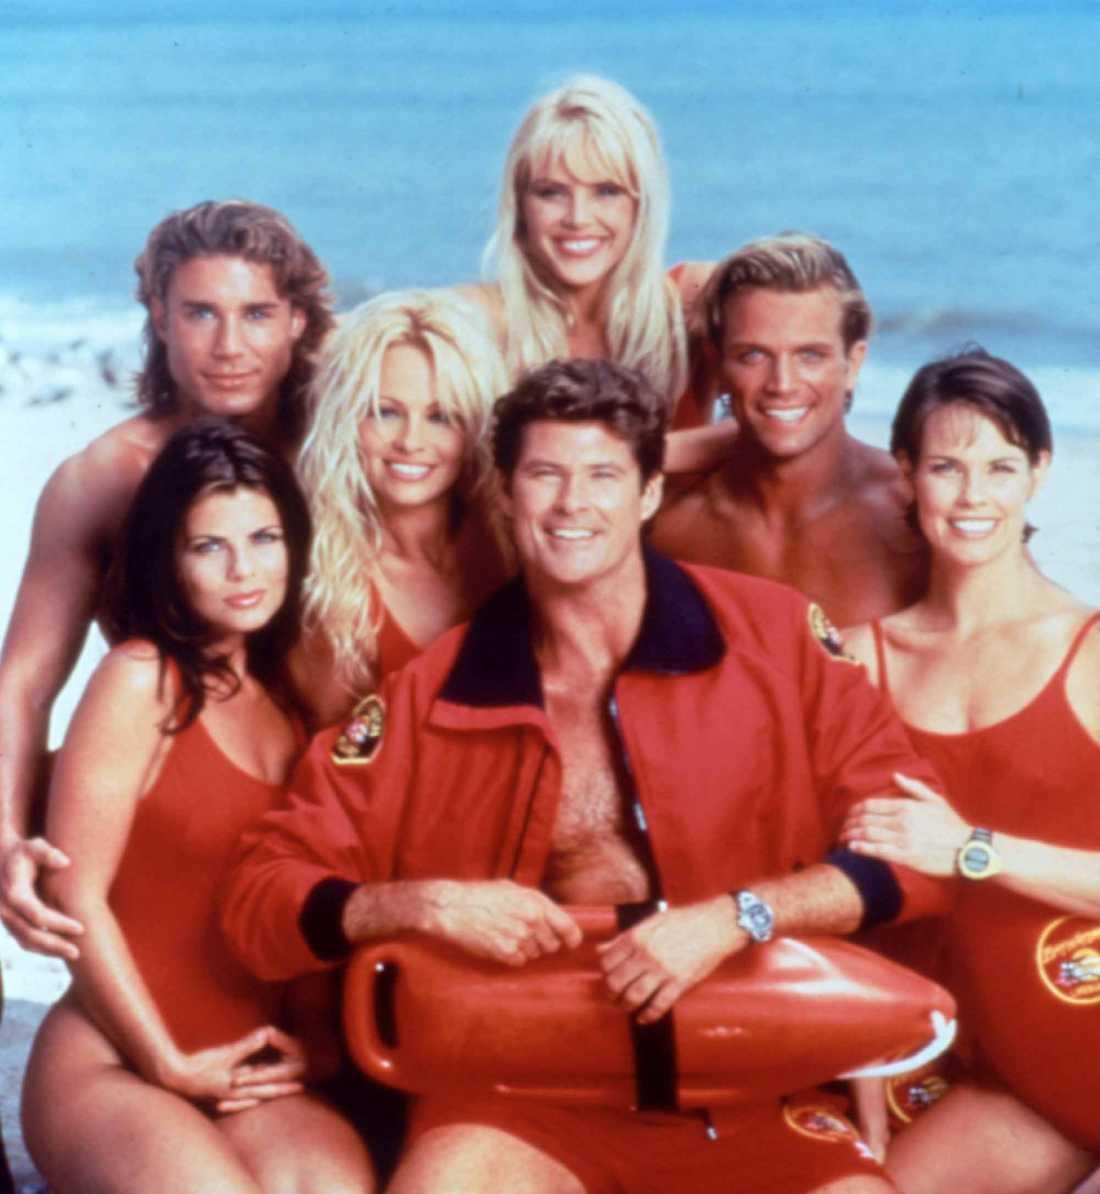 """Huvudkaraktärerna i tv-serien """"Baywatch"""" spelades av Jasmine Bleeth, Jason Simmons, Pamela Anderson, David Hasselhoff, Geena Lee Nolin, David Chokachi och Alexandra Paul."""